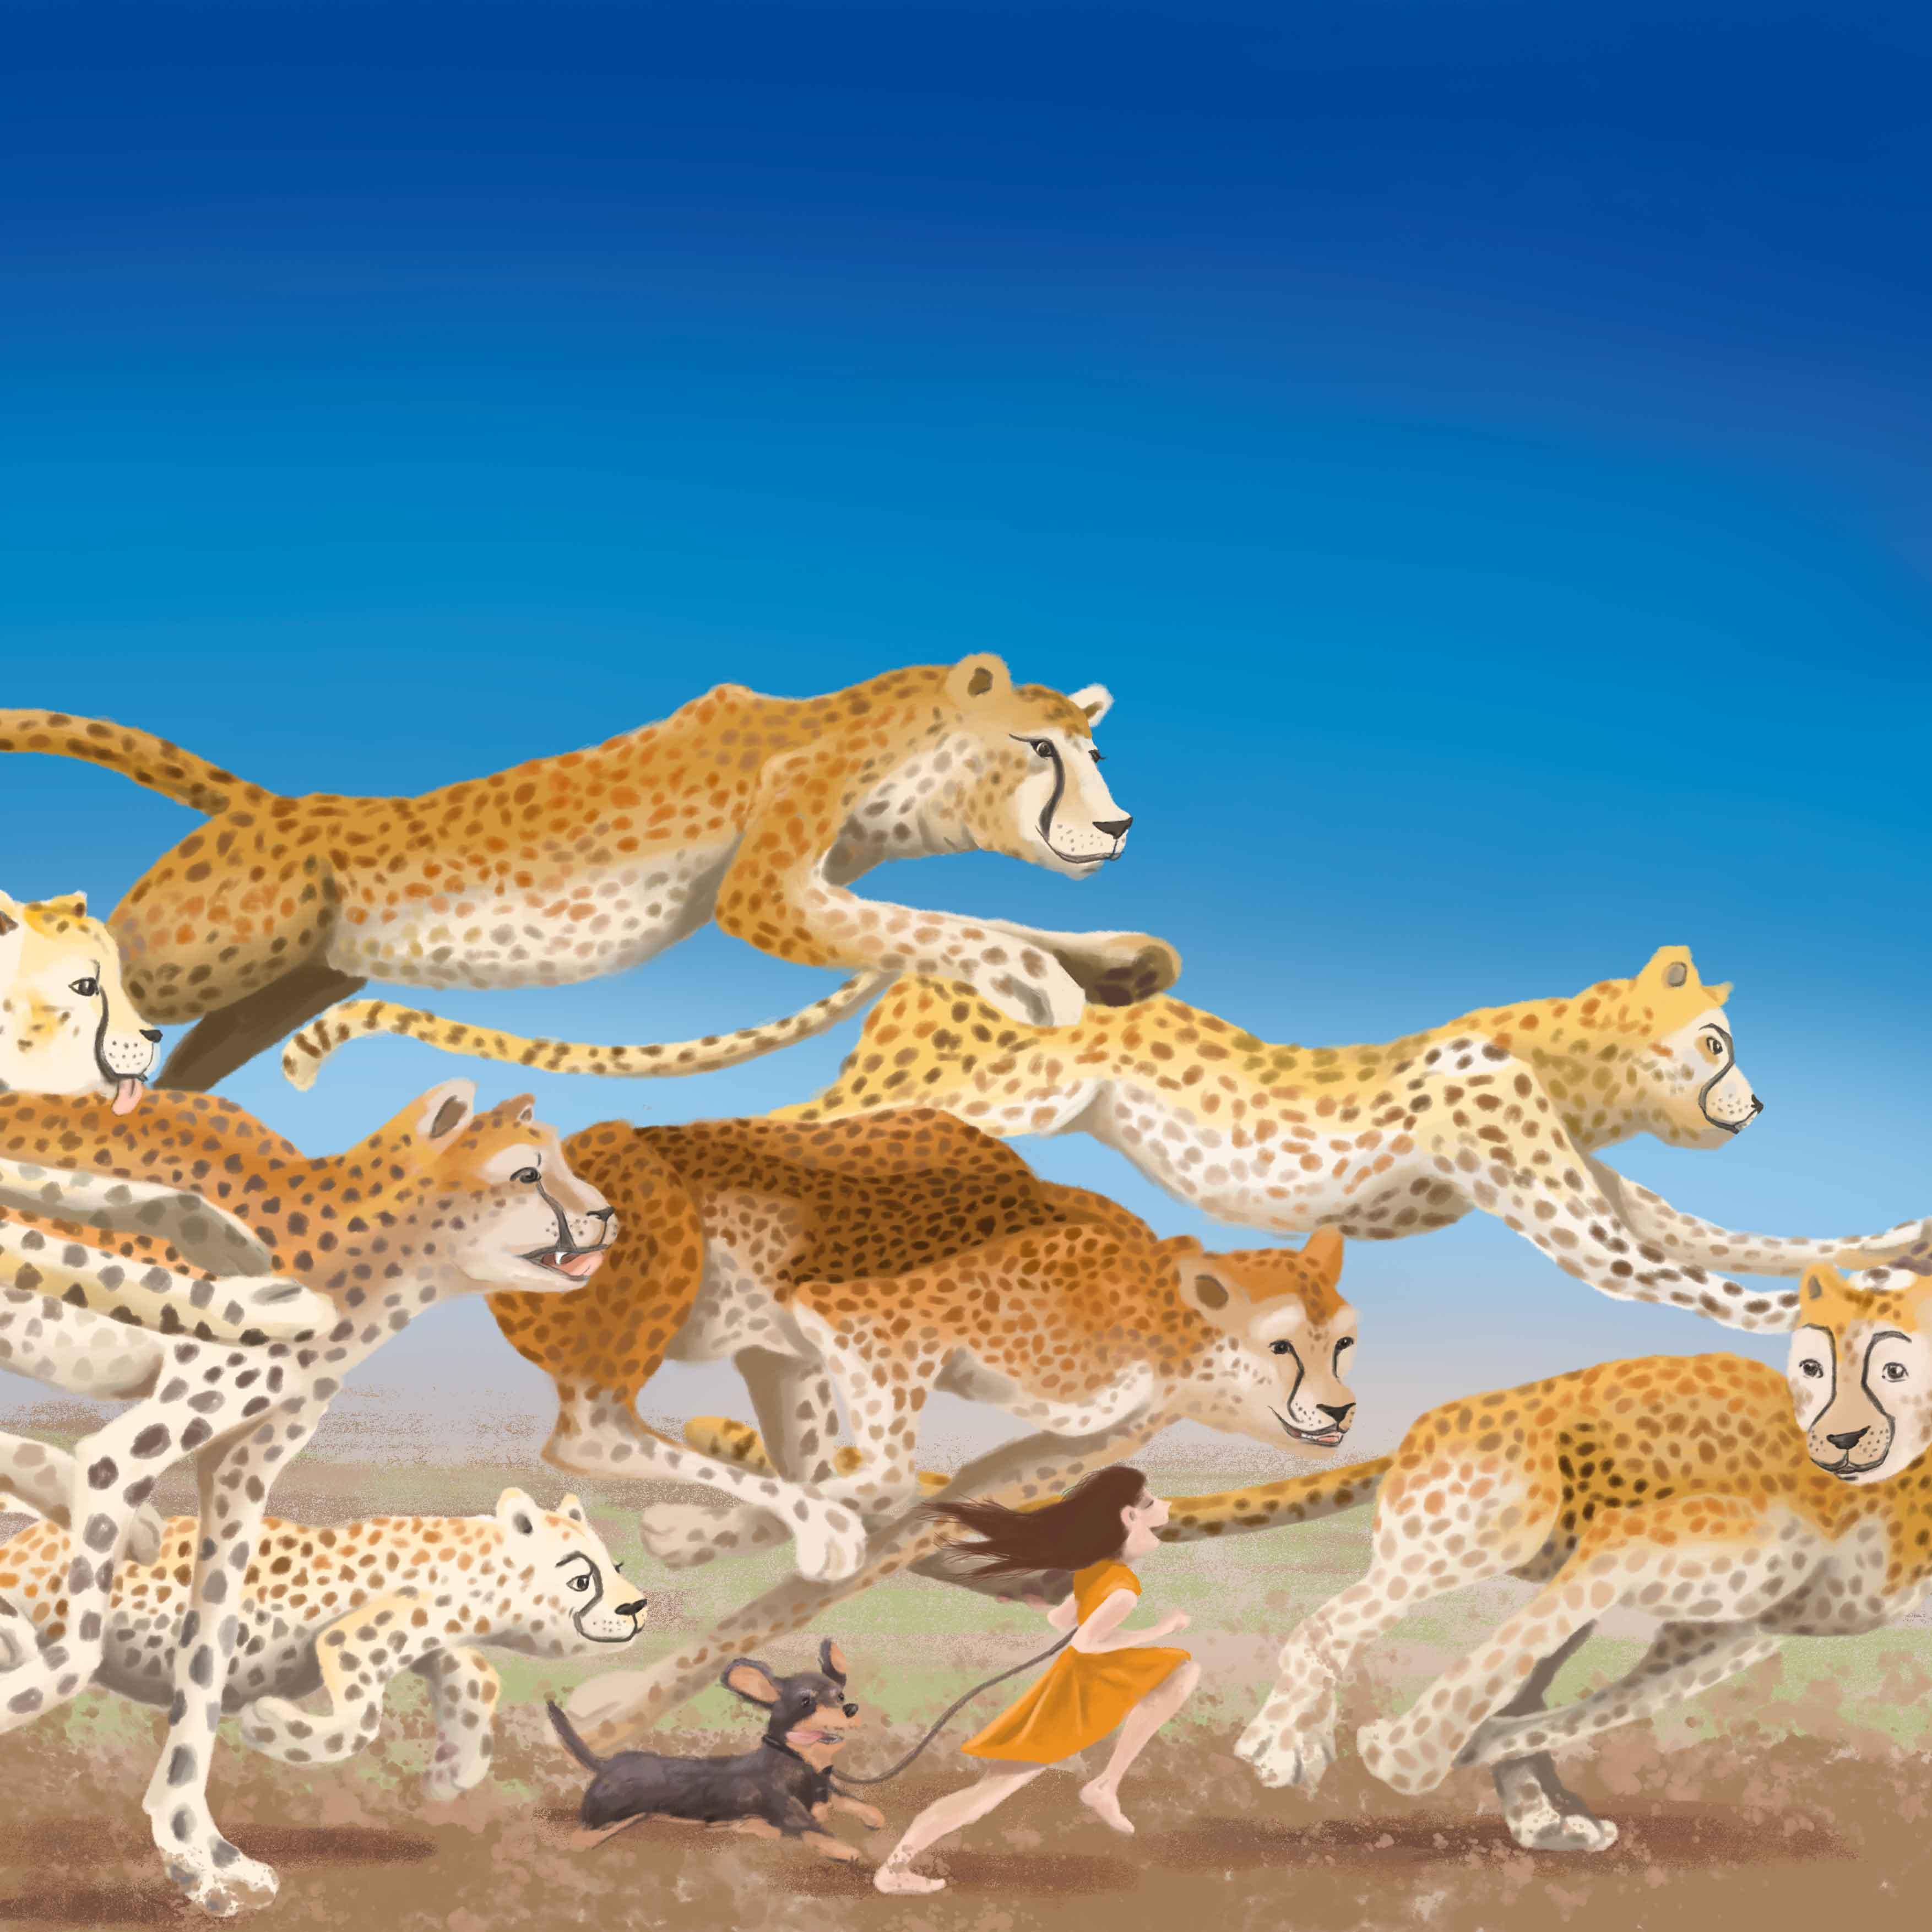 cheetah illumerle